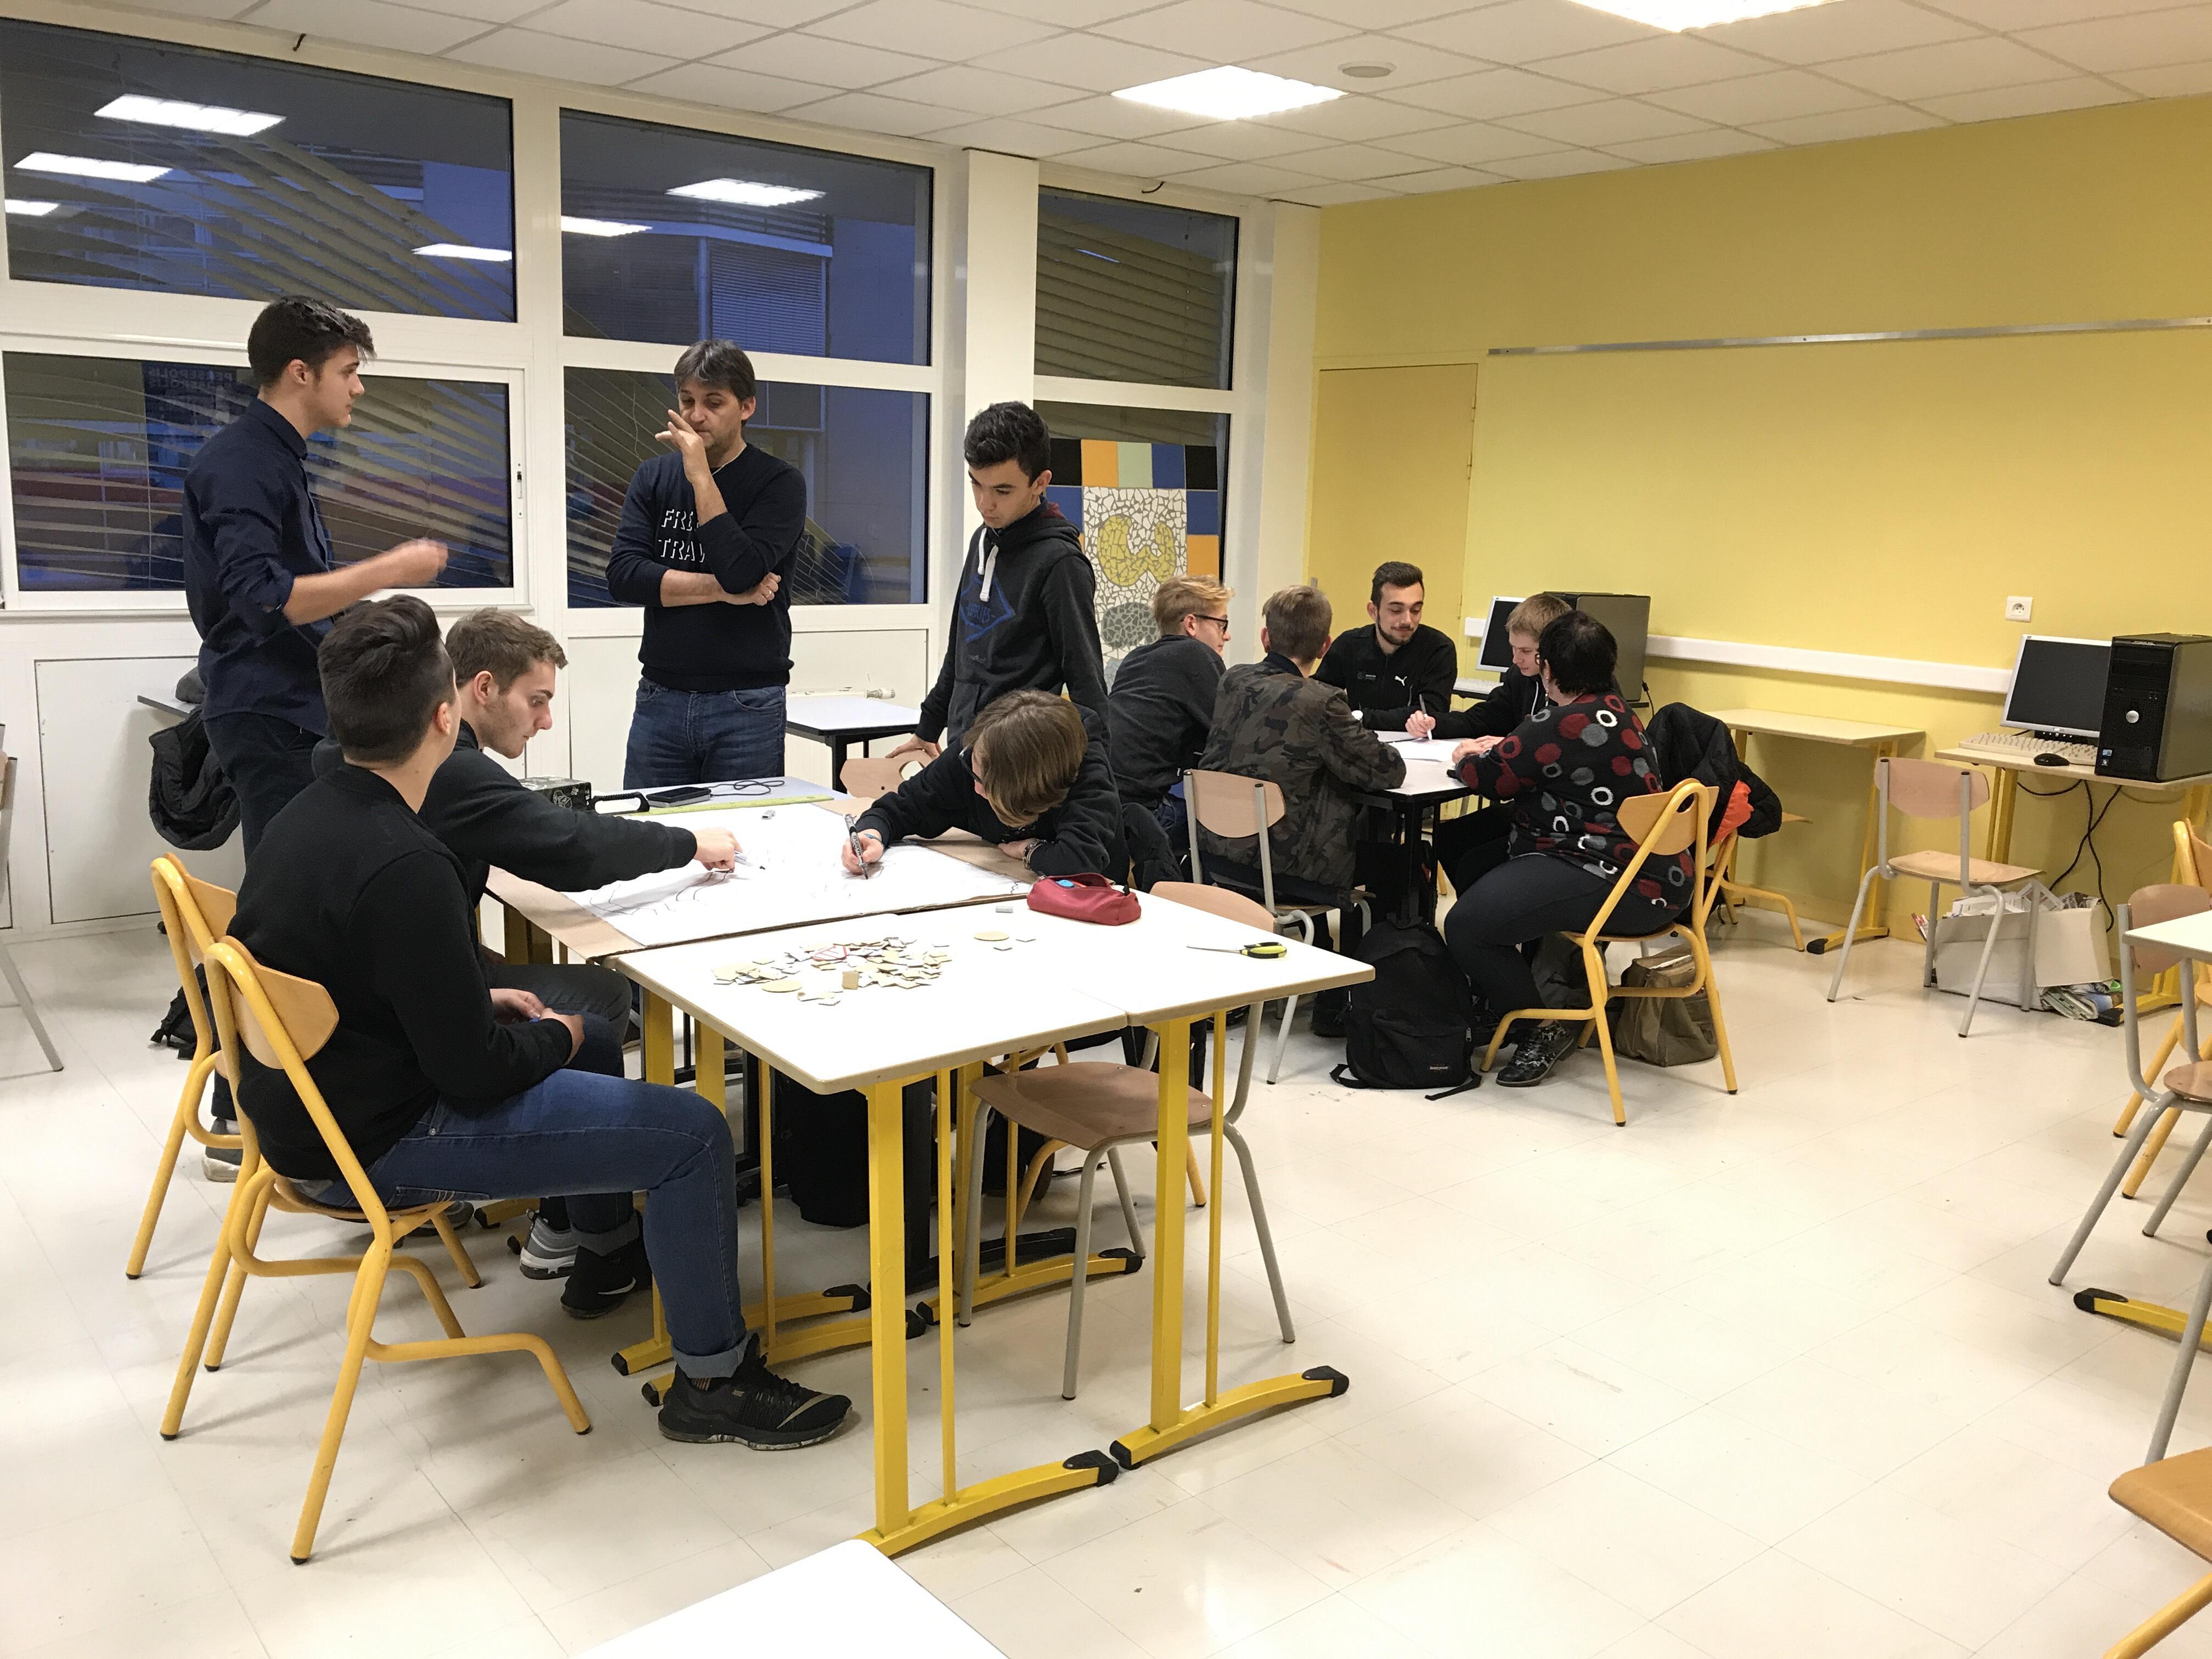 Les élèves au travail sur la réalisation du jeu